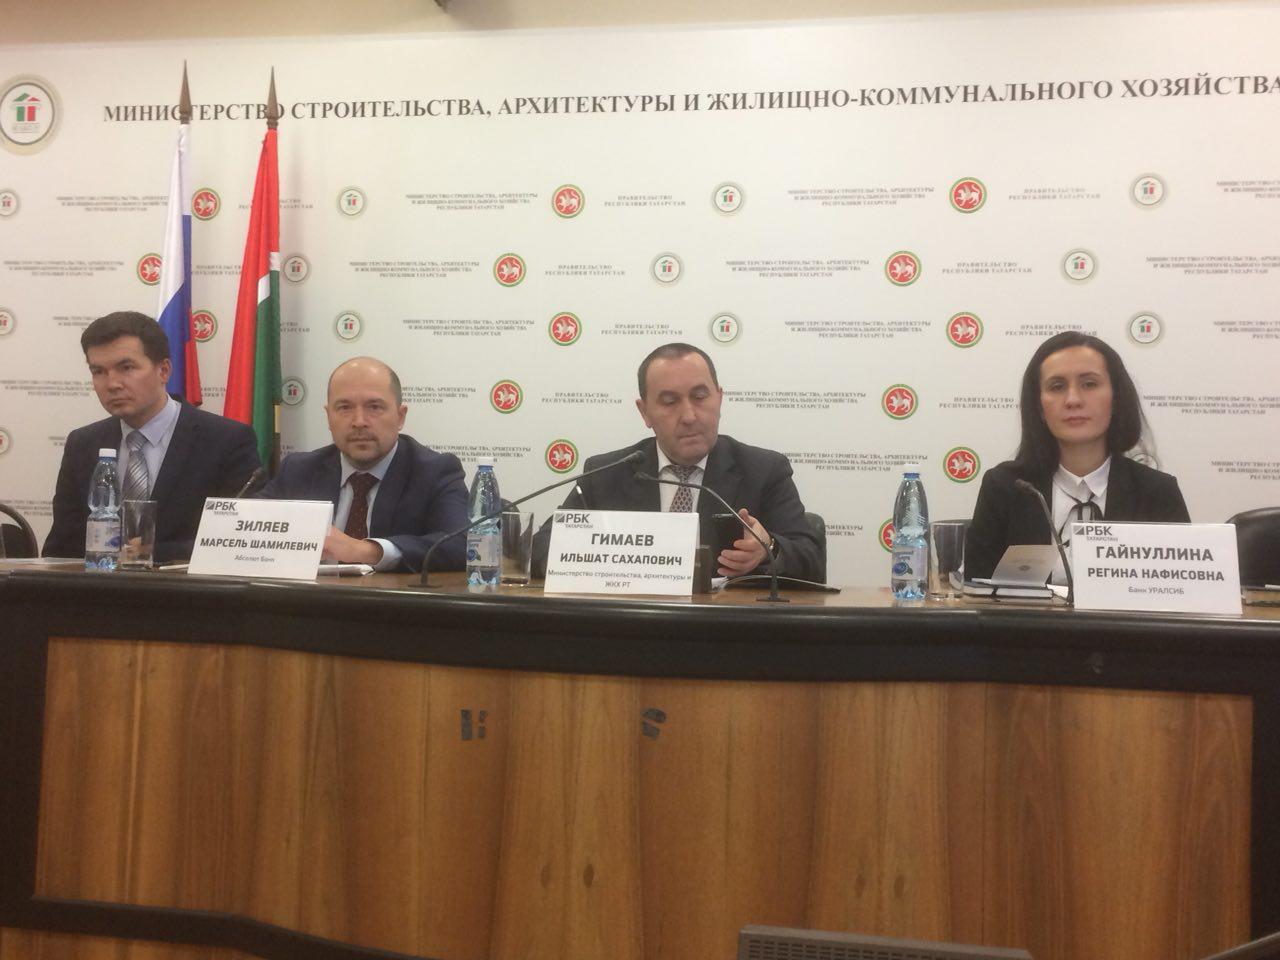 Объем ипотеки в Татарстане превысил уровень докризисного 2014 года